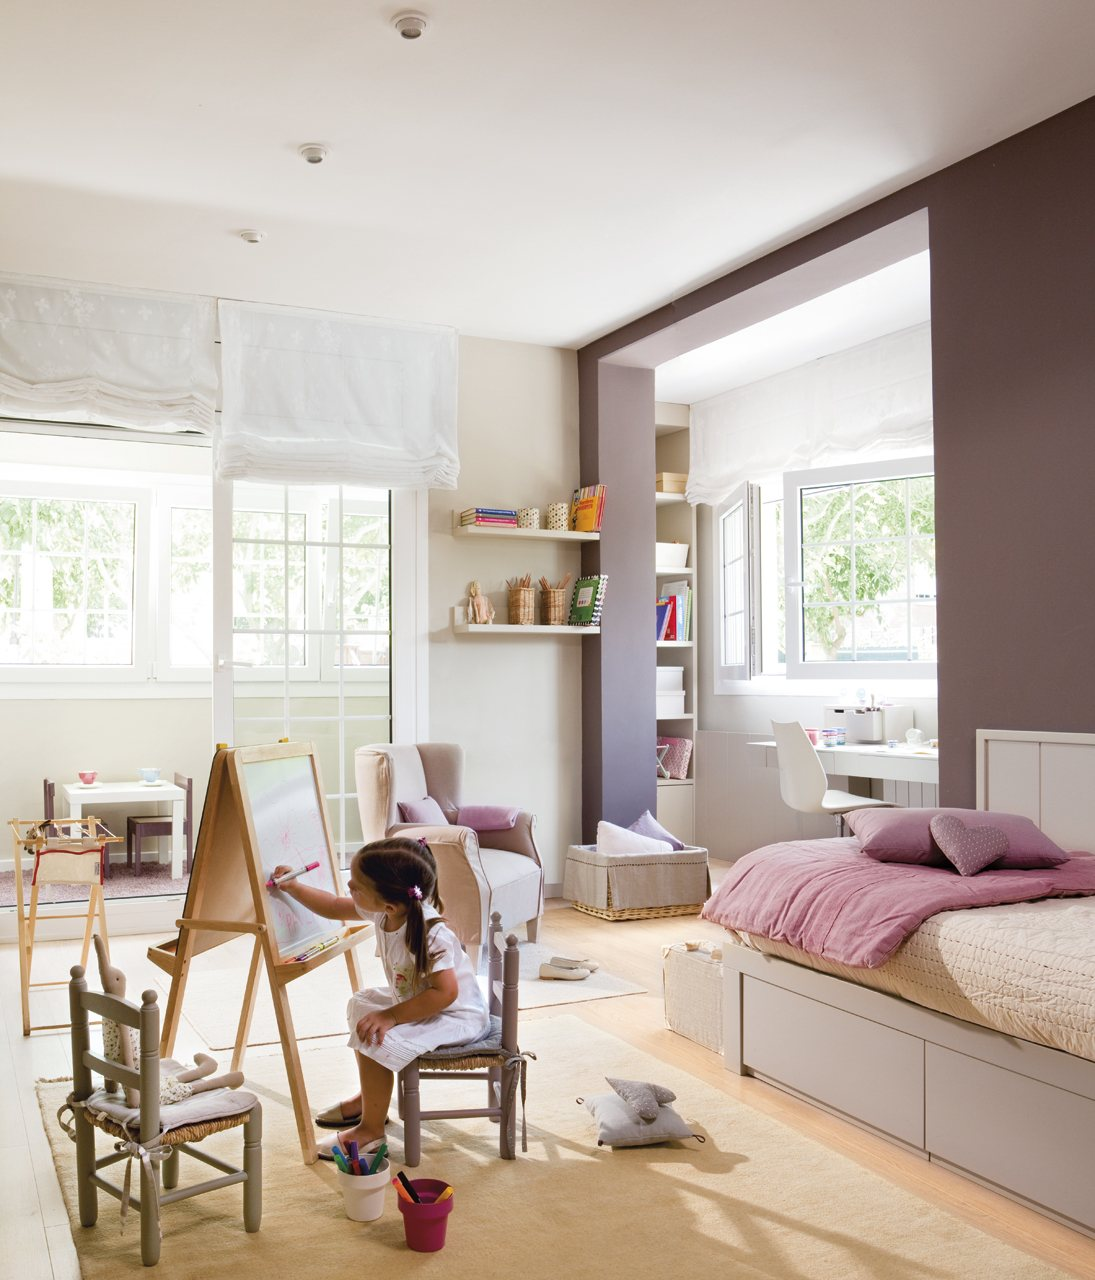 Un dormitorio muy completo lleno de luz y color - Habitacion juvenil nina ...